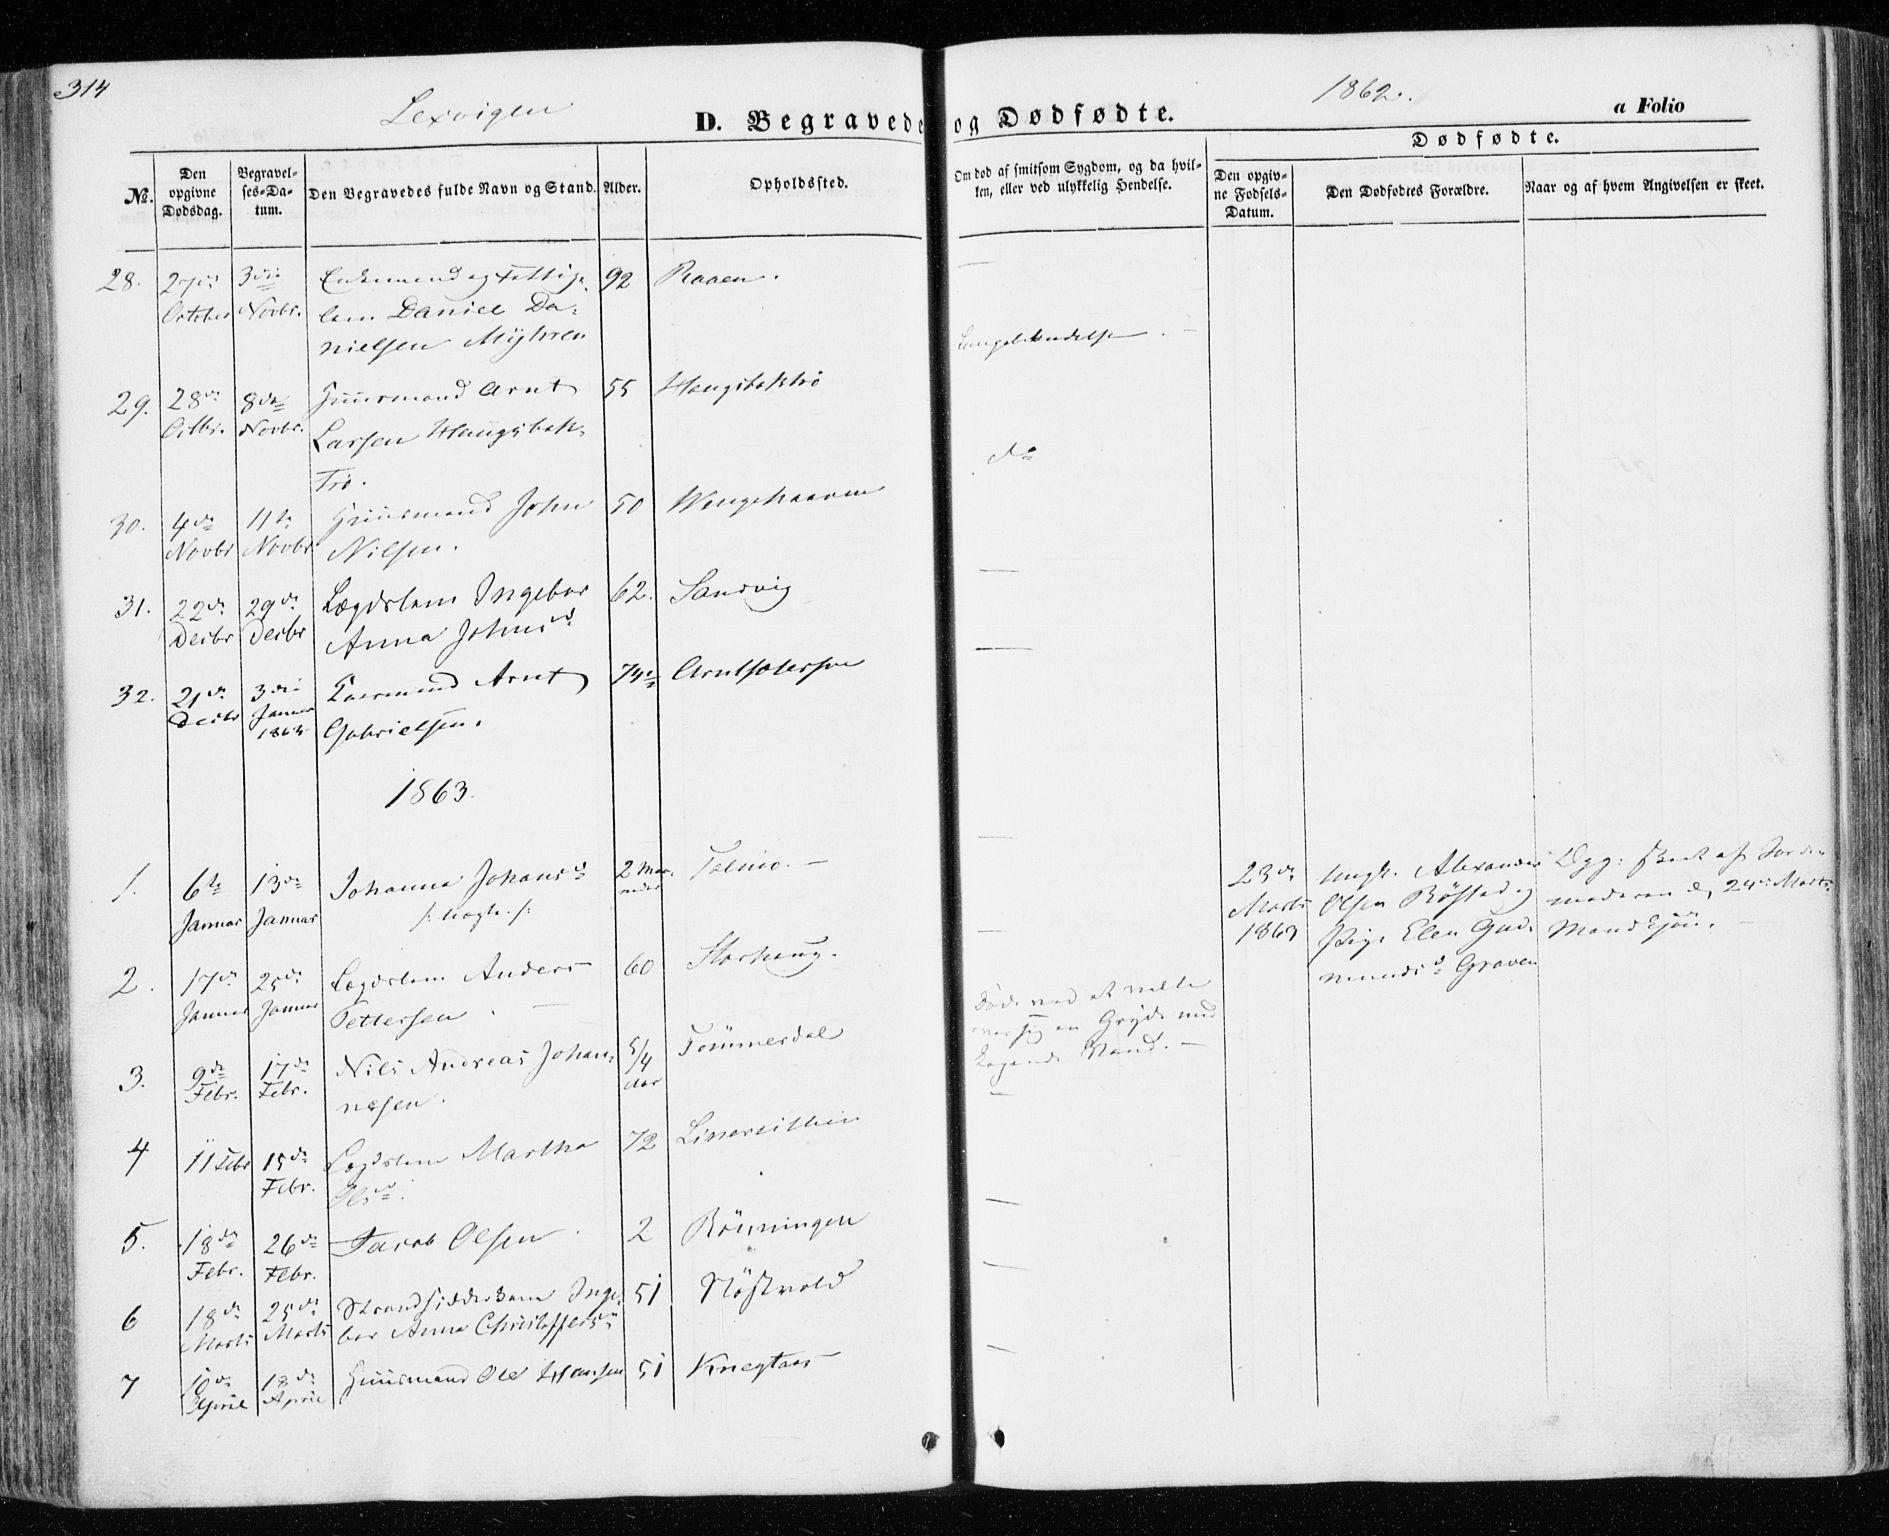 SAT, Ministerialprotokoller, klokkerbøker og fødselsregistre - Nord-Trøndelag, 701/L0008: Ministerialbok nr. 701A08 /1, 1854-1863, s. 314